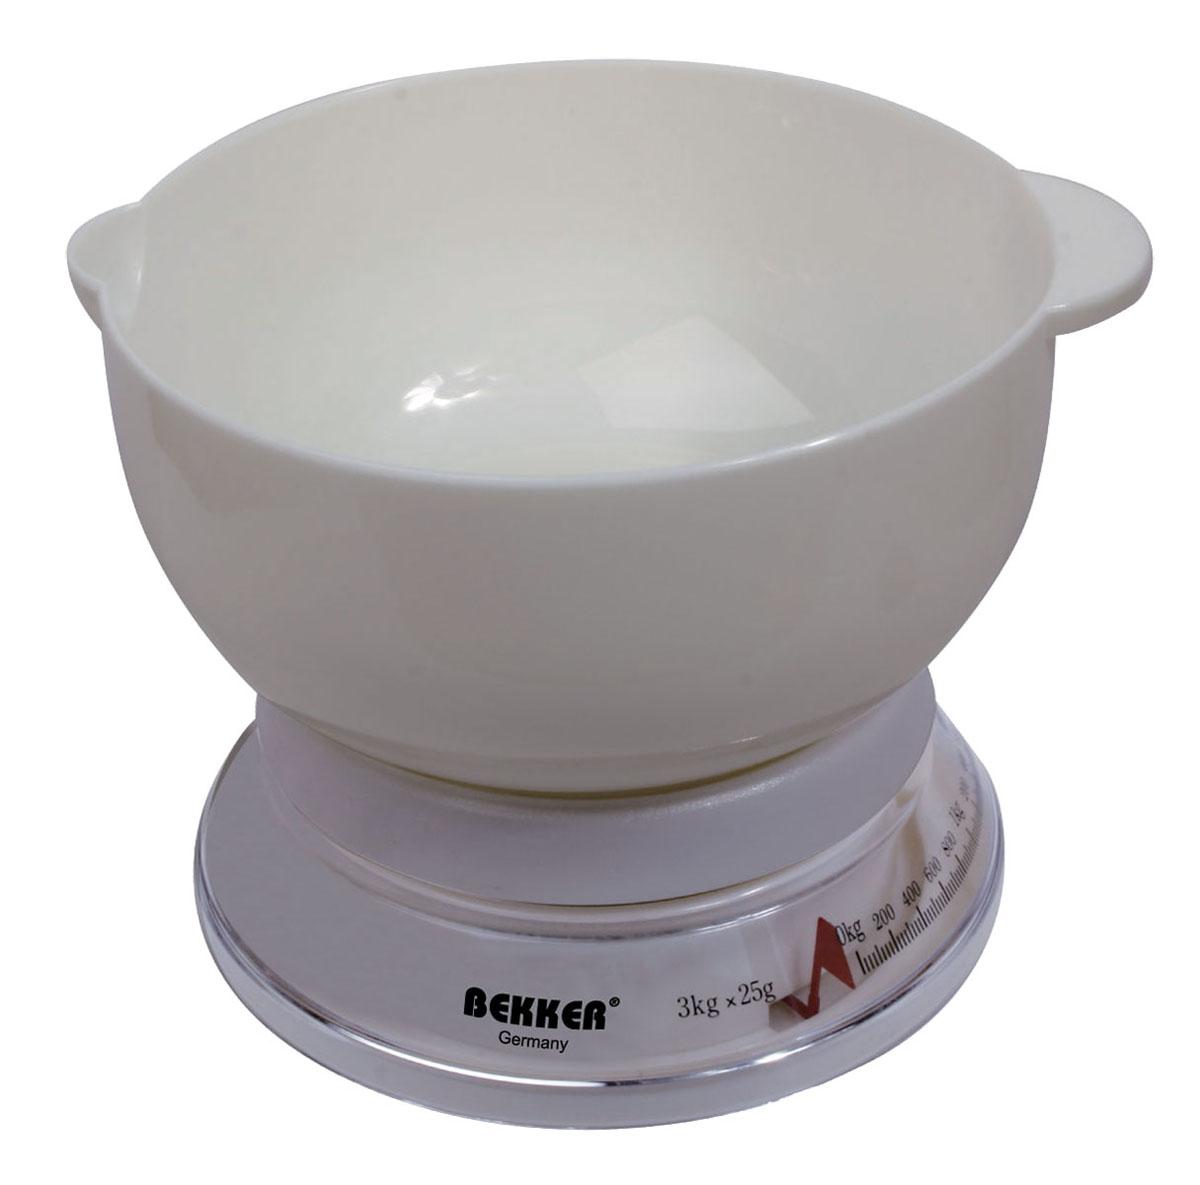 Весы кухонные Bekker BK-23, до 3 кгKS5006PD RedУдобные и практичные кухонные весы Bekker BK-23 обеспечивают высокую точность измерений. Весы выполнены пластика и легко впишутся в любой современный кухонный интерьер. Характеристики:Материал: пластик, металл. Объем чаши: 2 л. Цена деления: 25 г. Размер упаковки: 19 см х 19 см х 9 см. Артикул: BK-23.